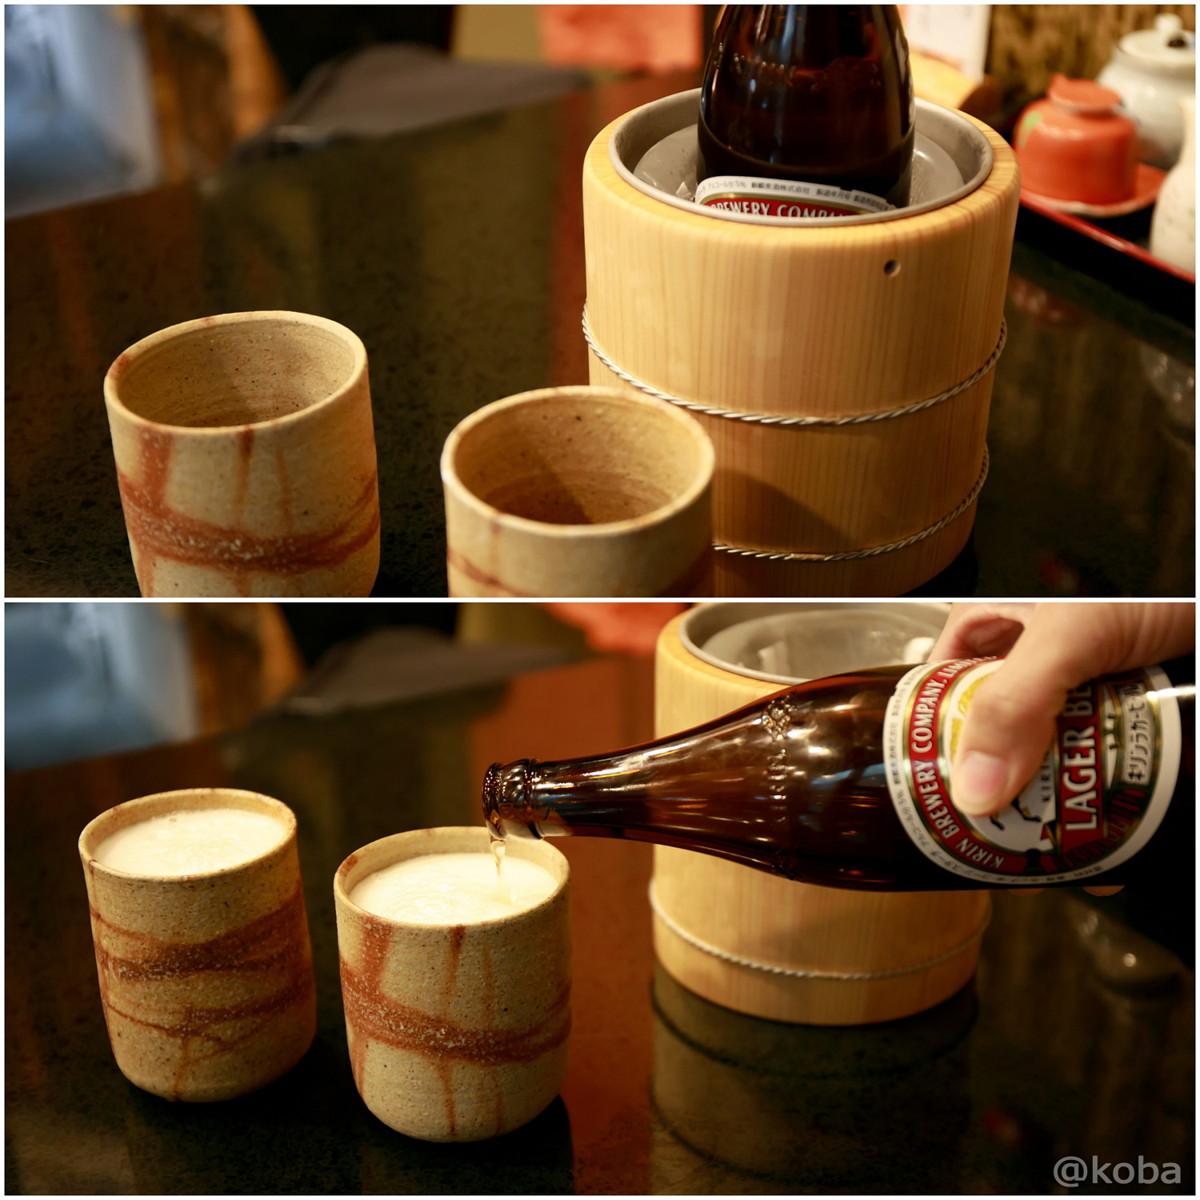 キリンラガービール 瓶ビール_東京 京成小岩駅 中華料理 永楽(えいらく) 江戸川区北小岩